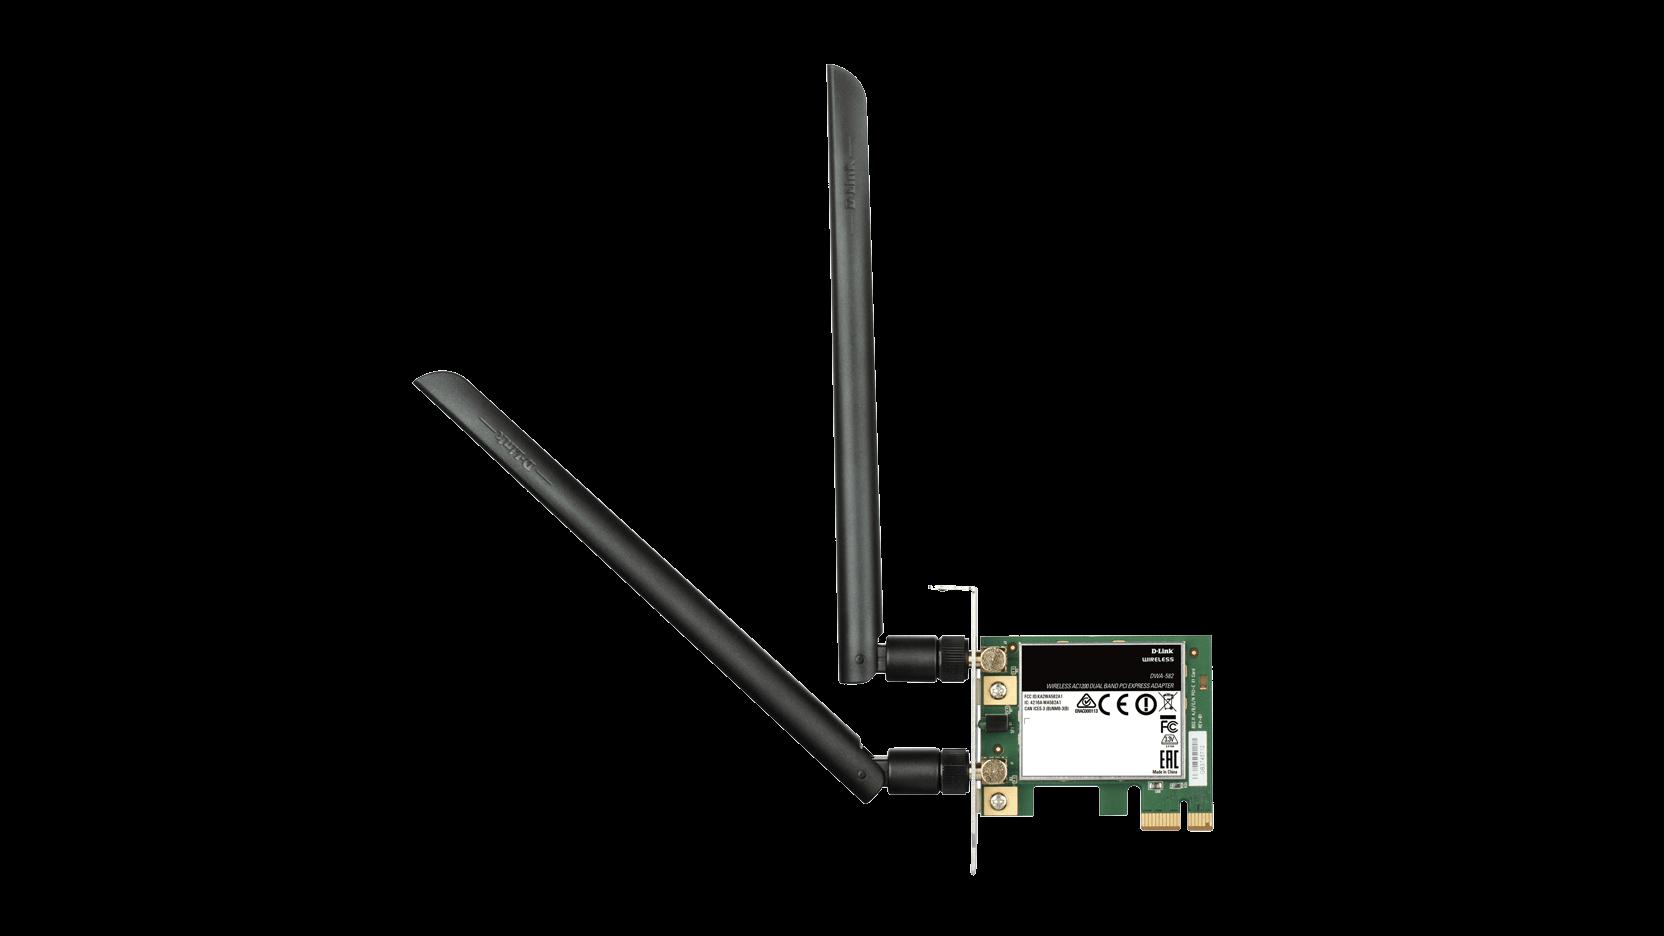 Dwa 582 Wireless Ac Dual Band Pci Express Adapter